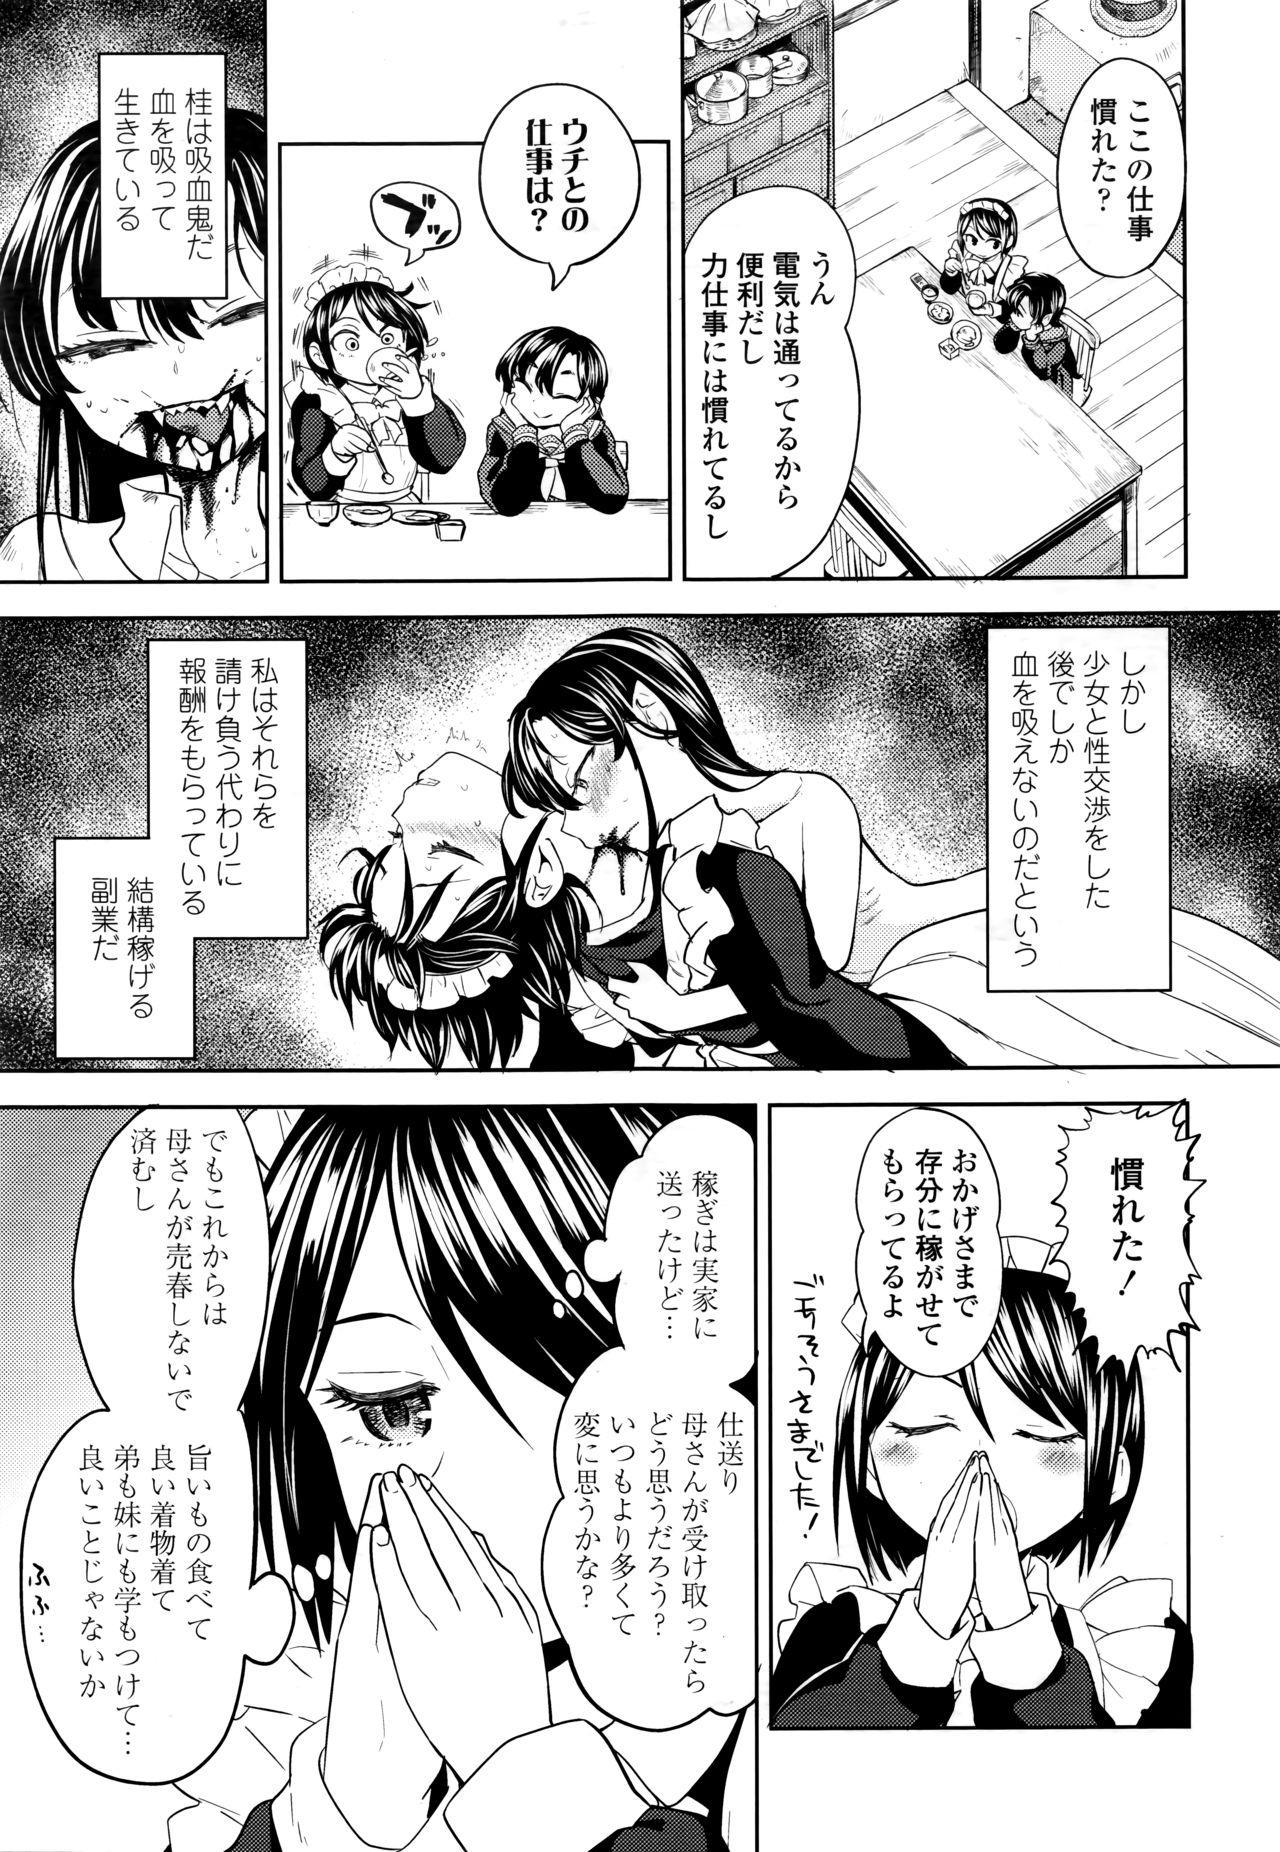 Towako 6 204